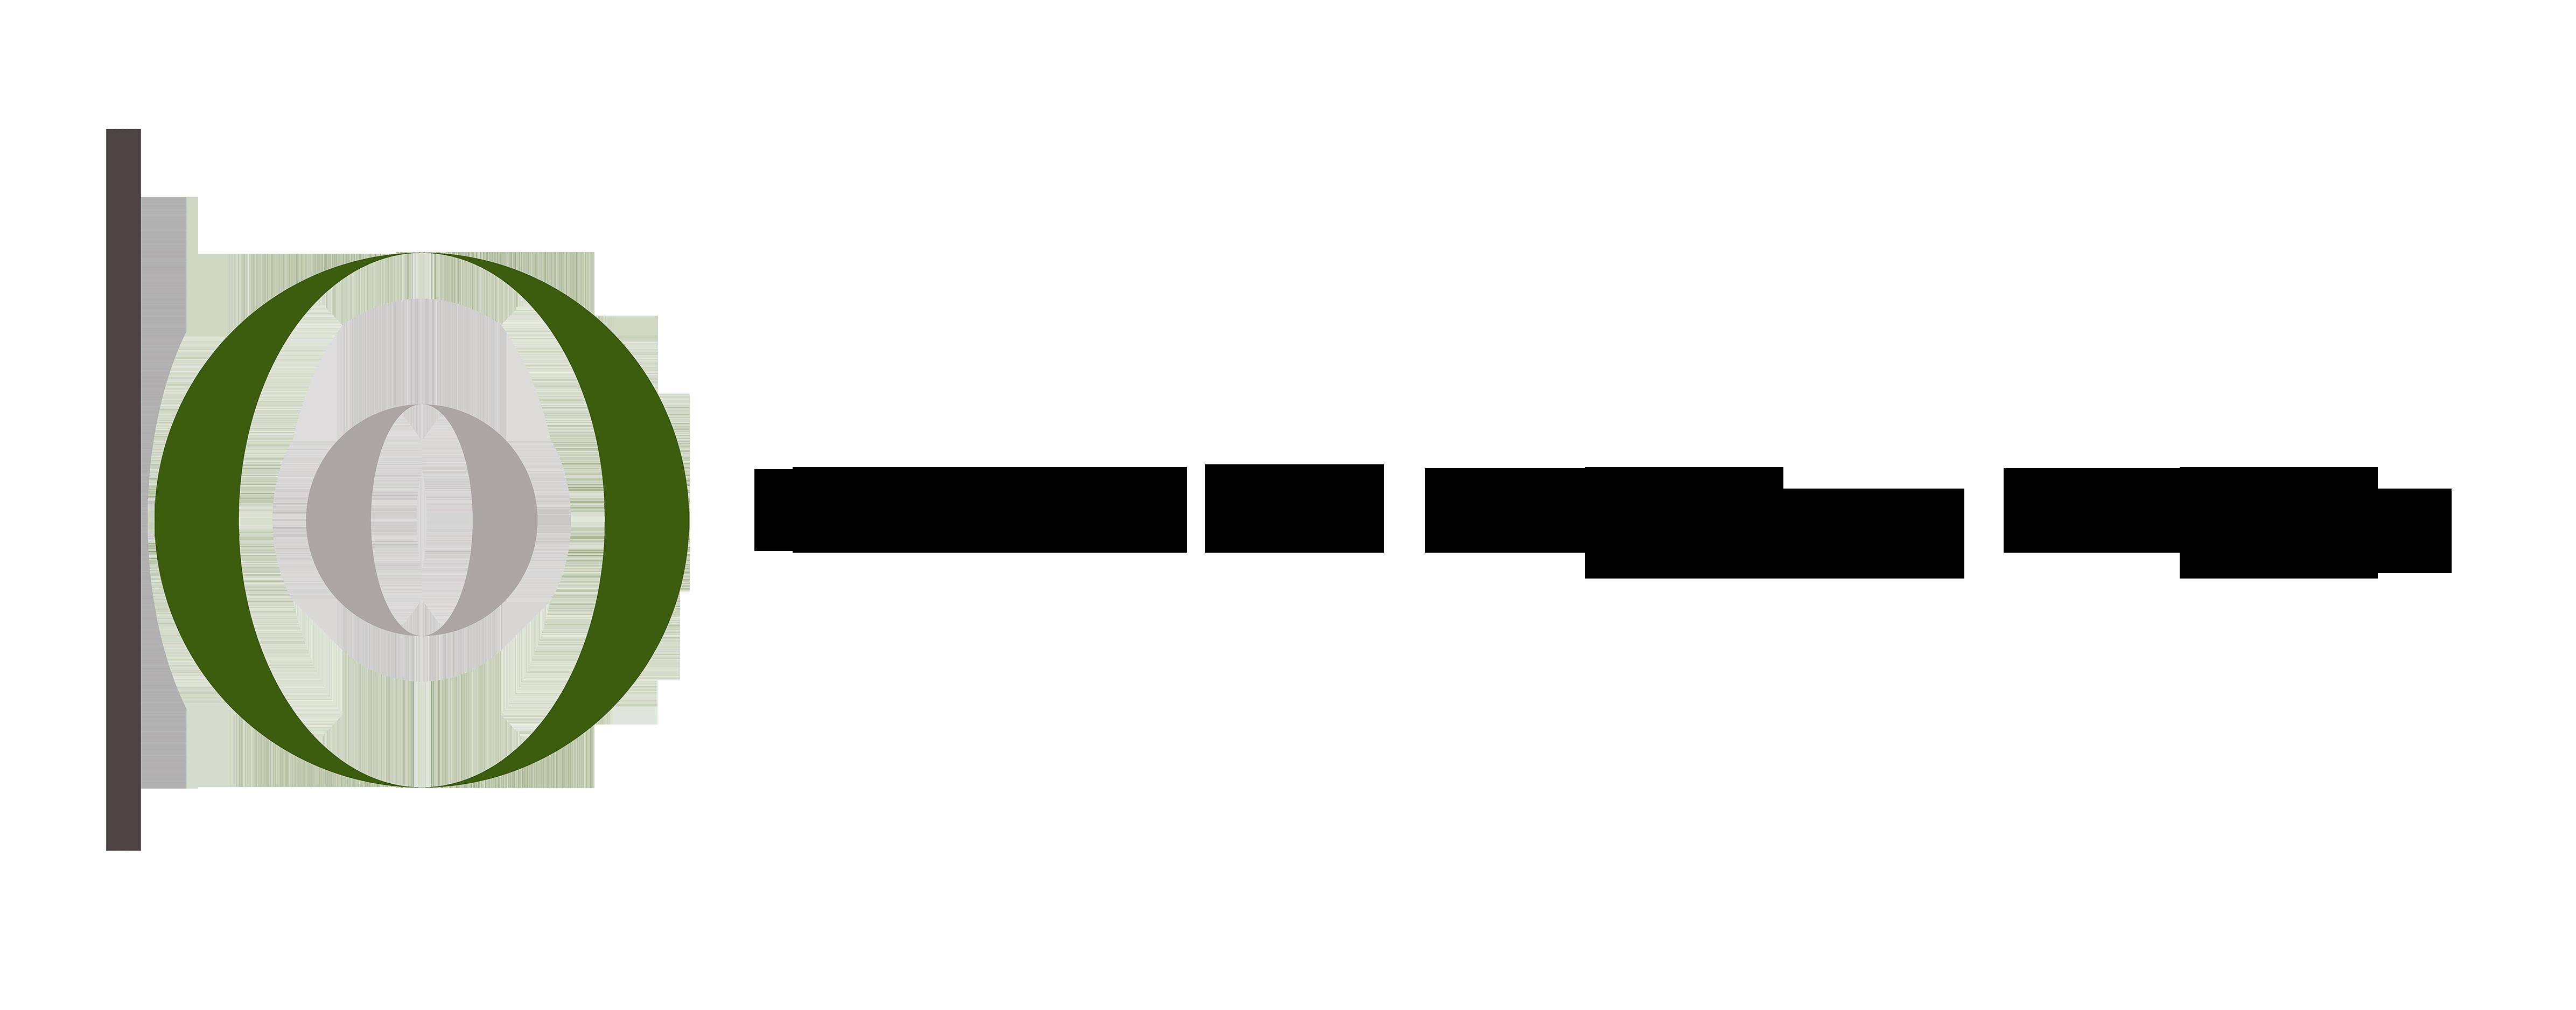 Lotecircular